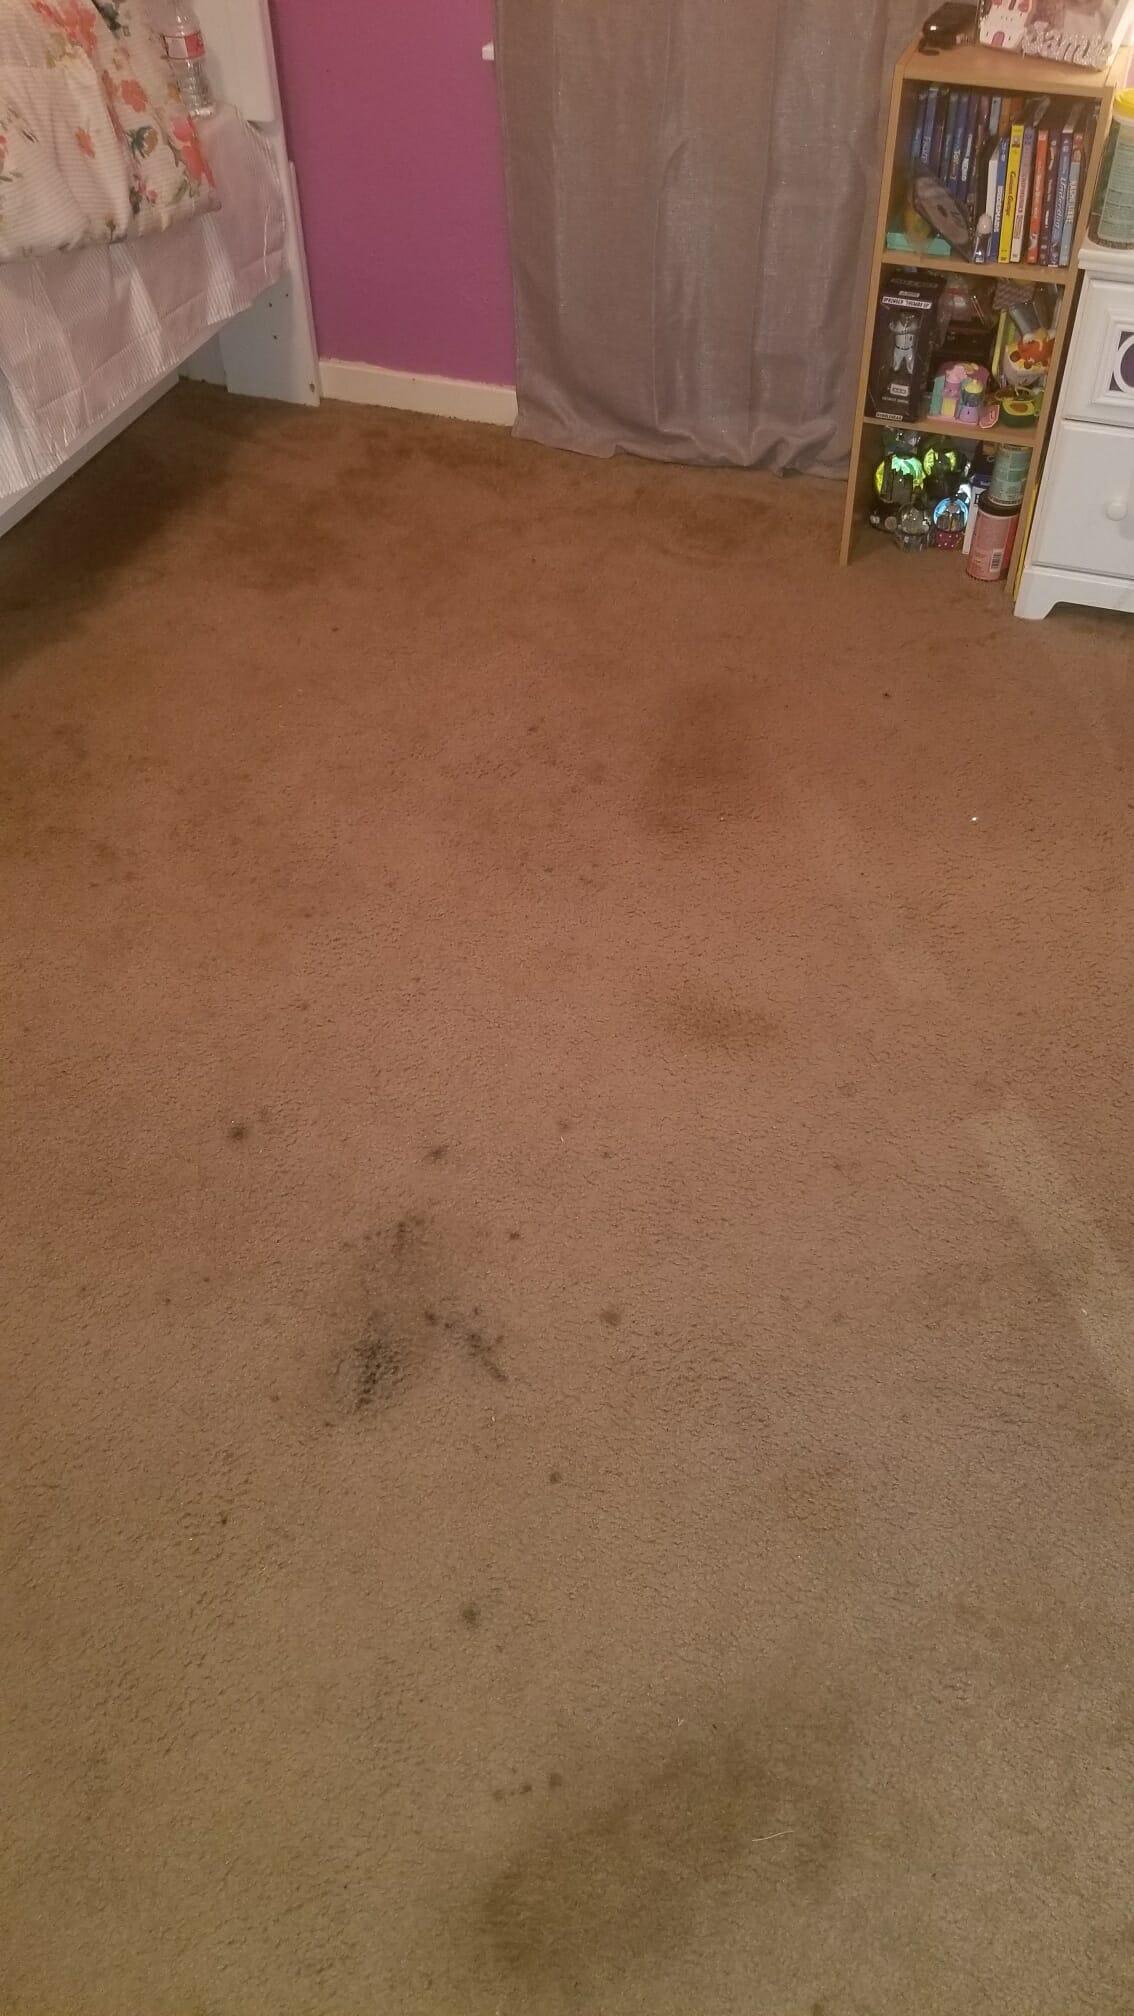 League City Carpet Cleaner